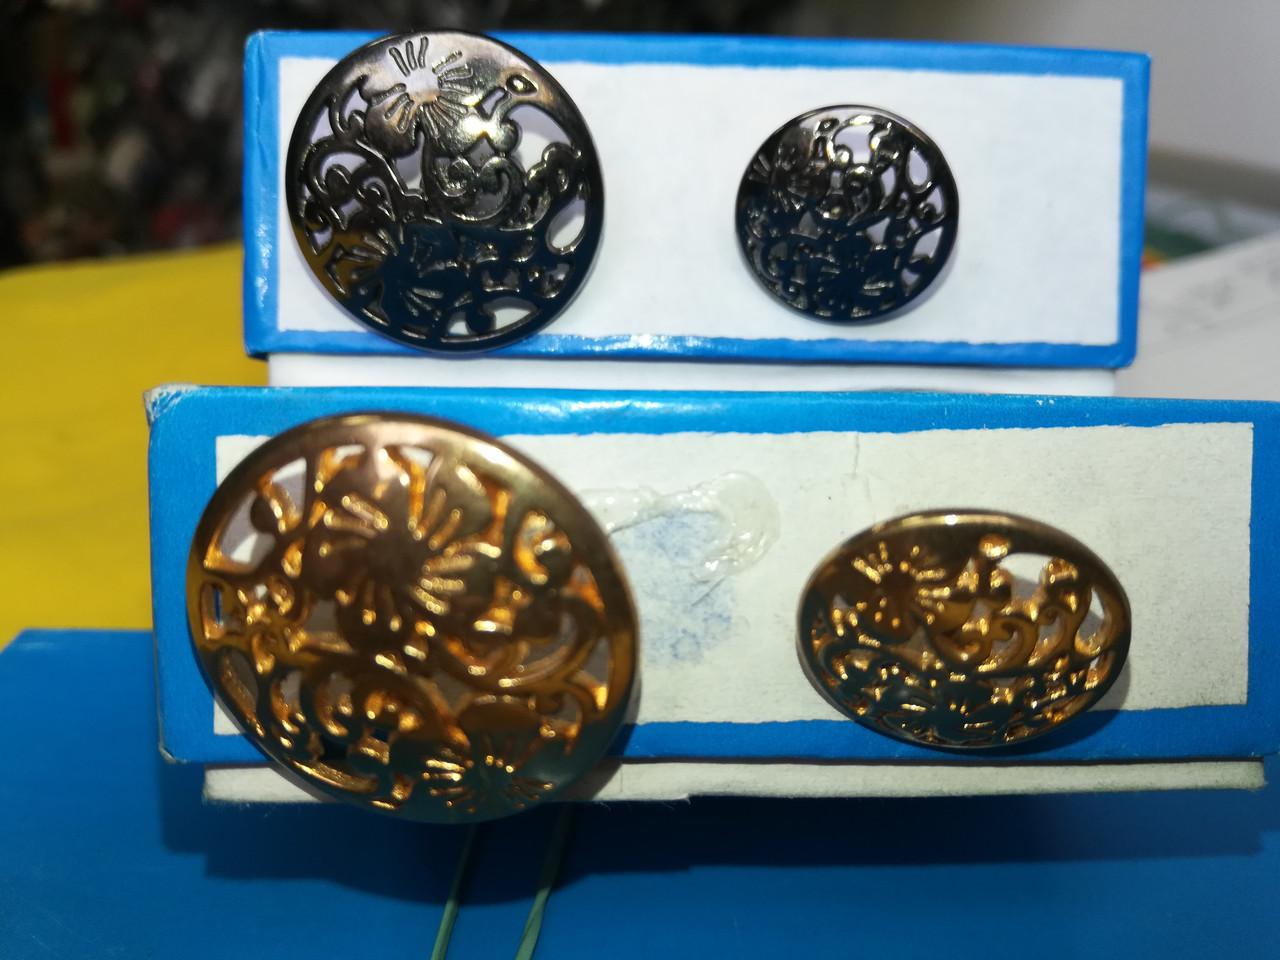 Пуговица PG510 металл в 2-х размерах (разные)